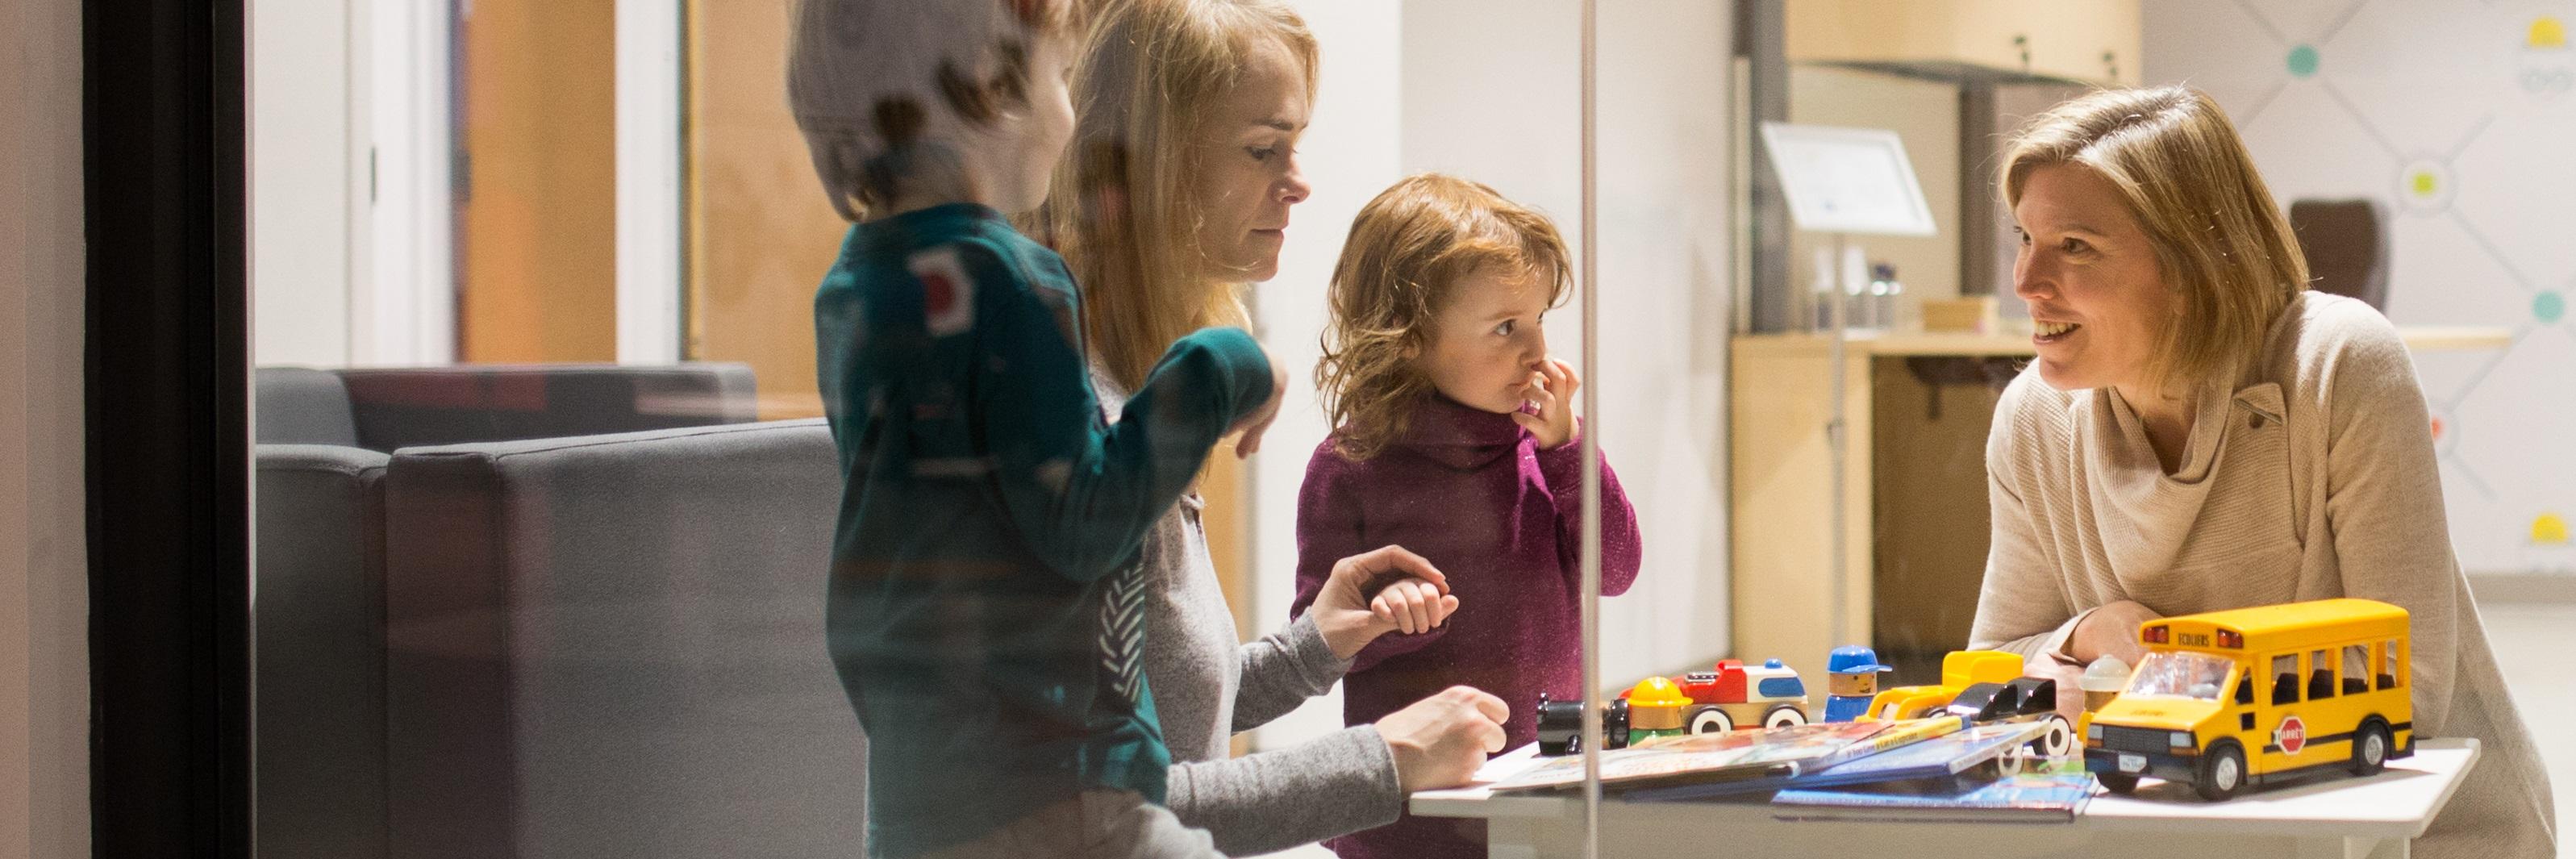 Une chercheure joue à une table avec un jeune garçon et une jeune fille et leur mère.